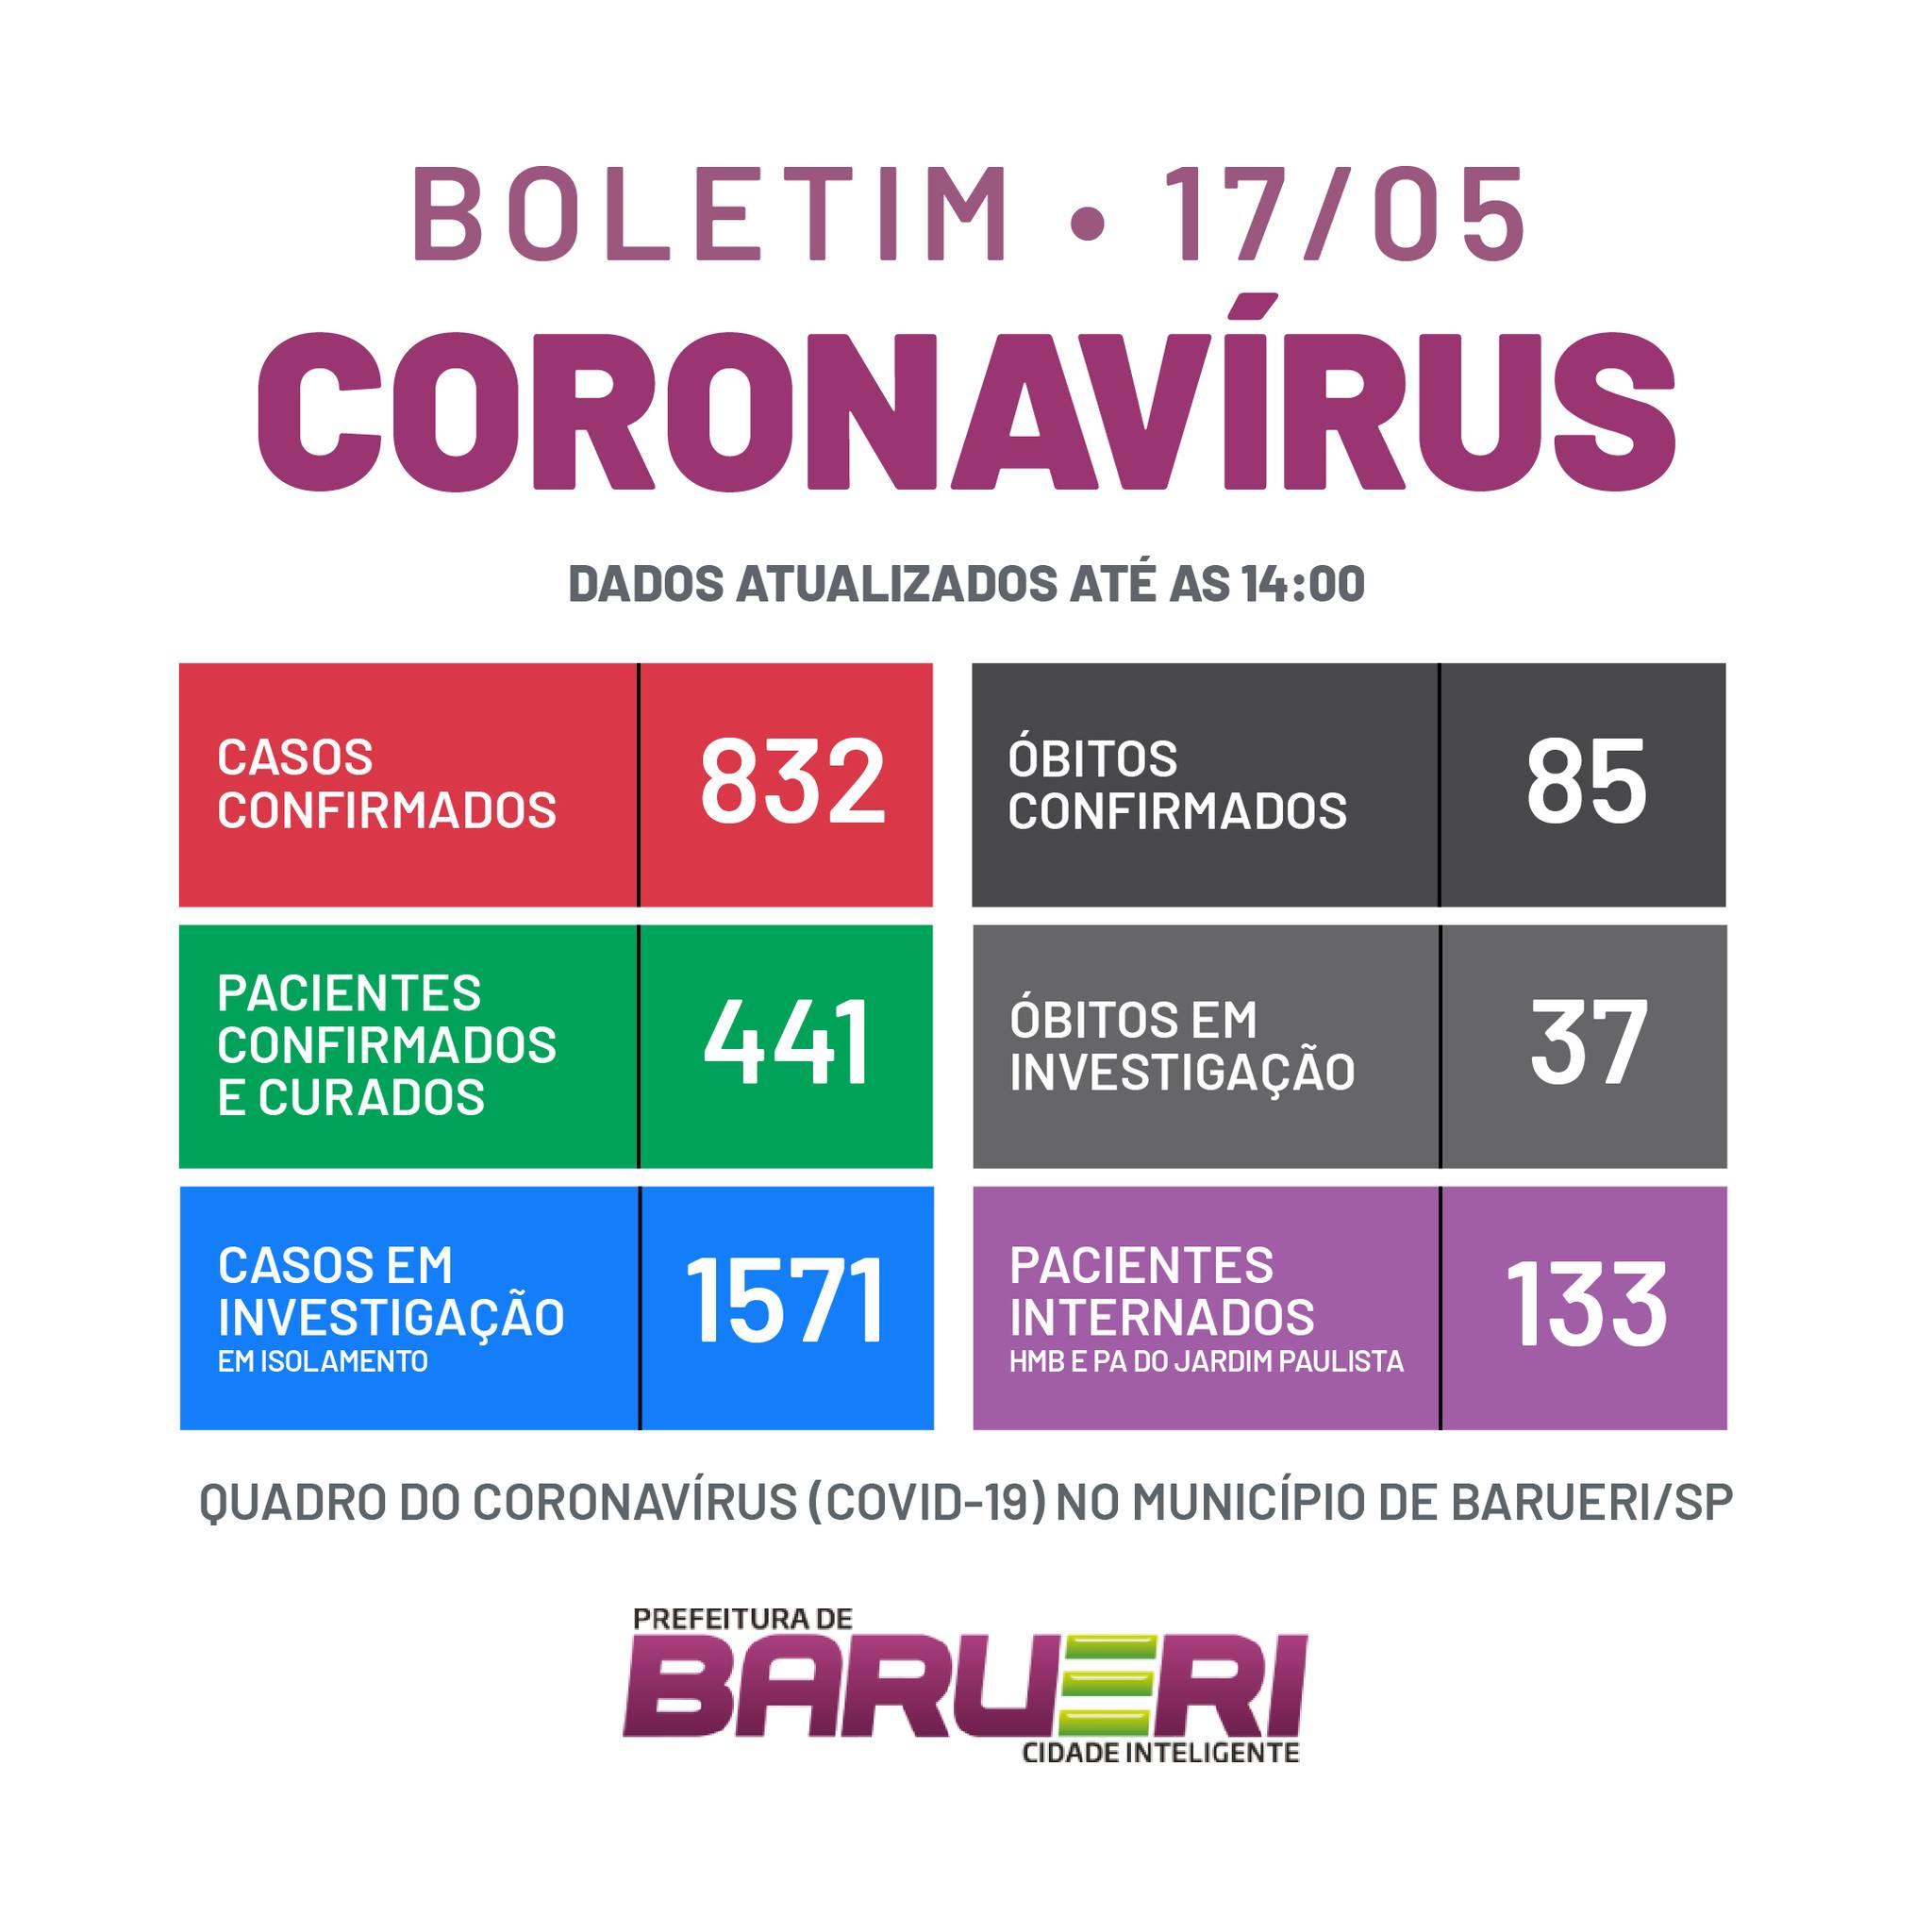 boletim coronavírus barueri 17 05